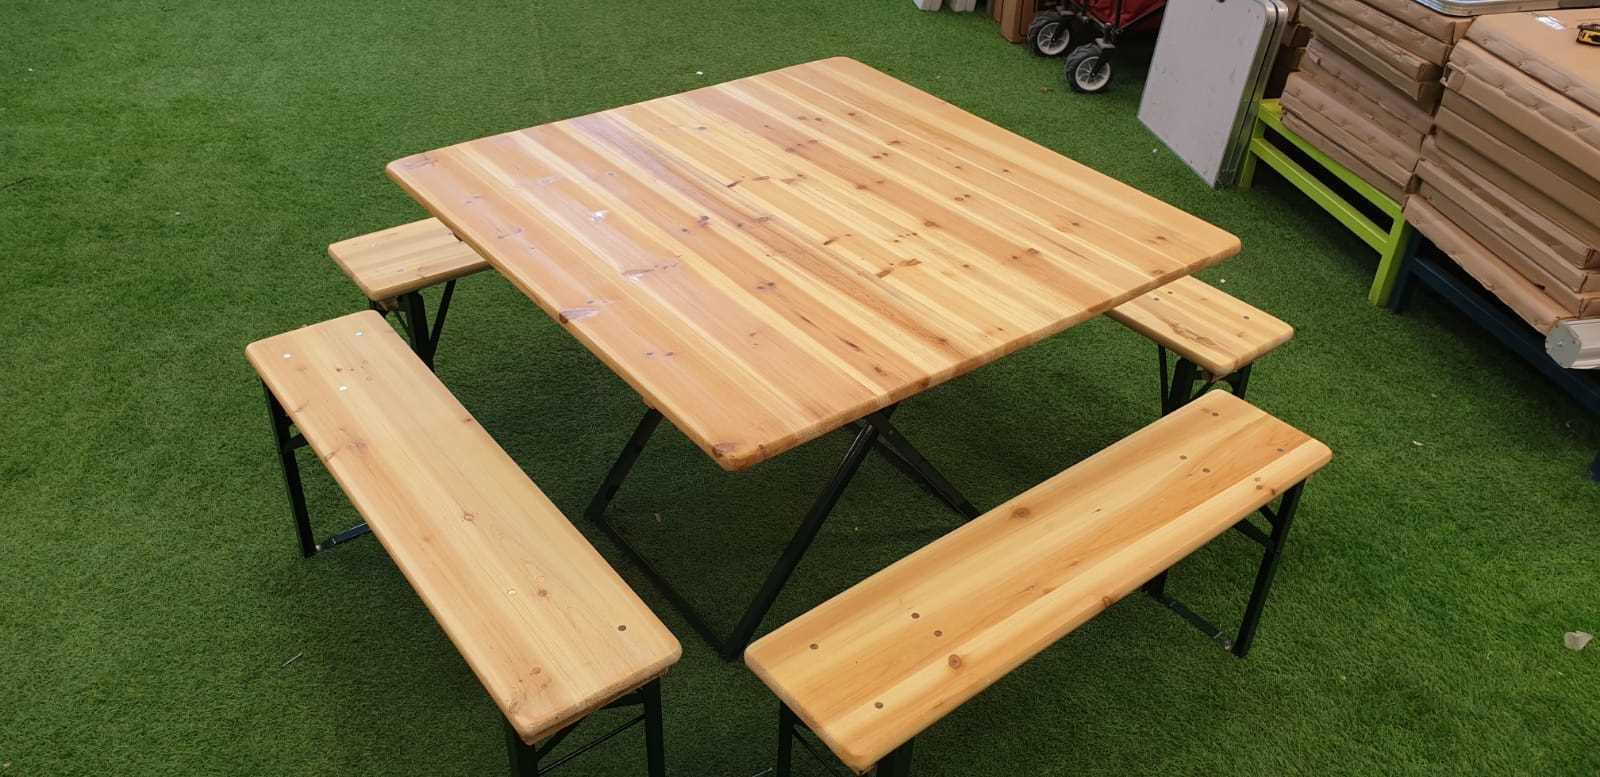 סט מתקפל שולחן עץ/מתכת + 4 ספסלים דגם 498911 - תמונה 1